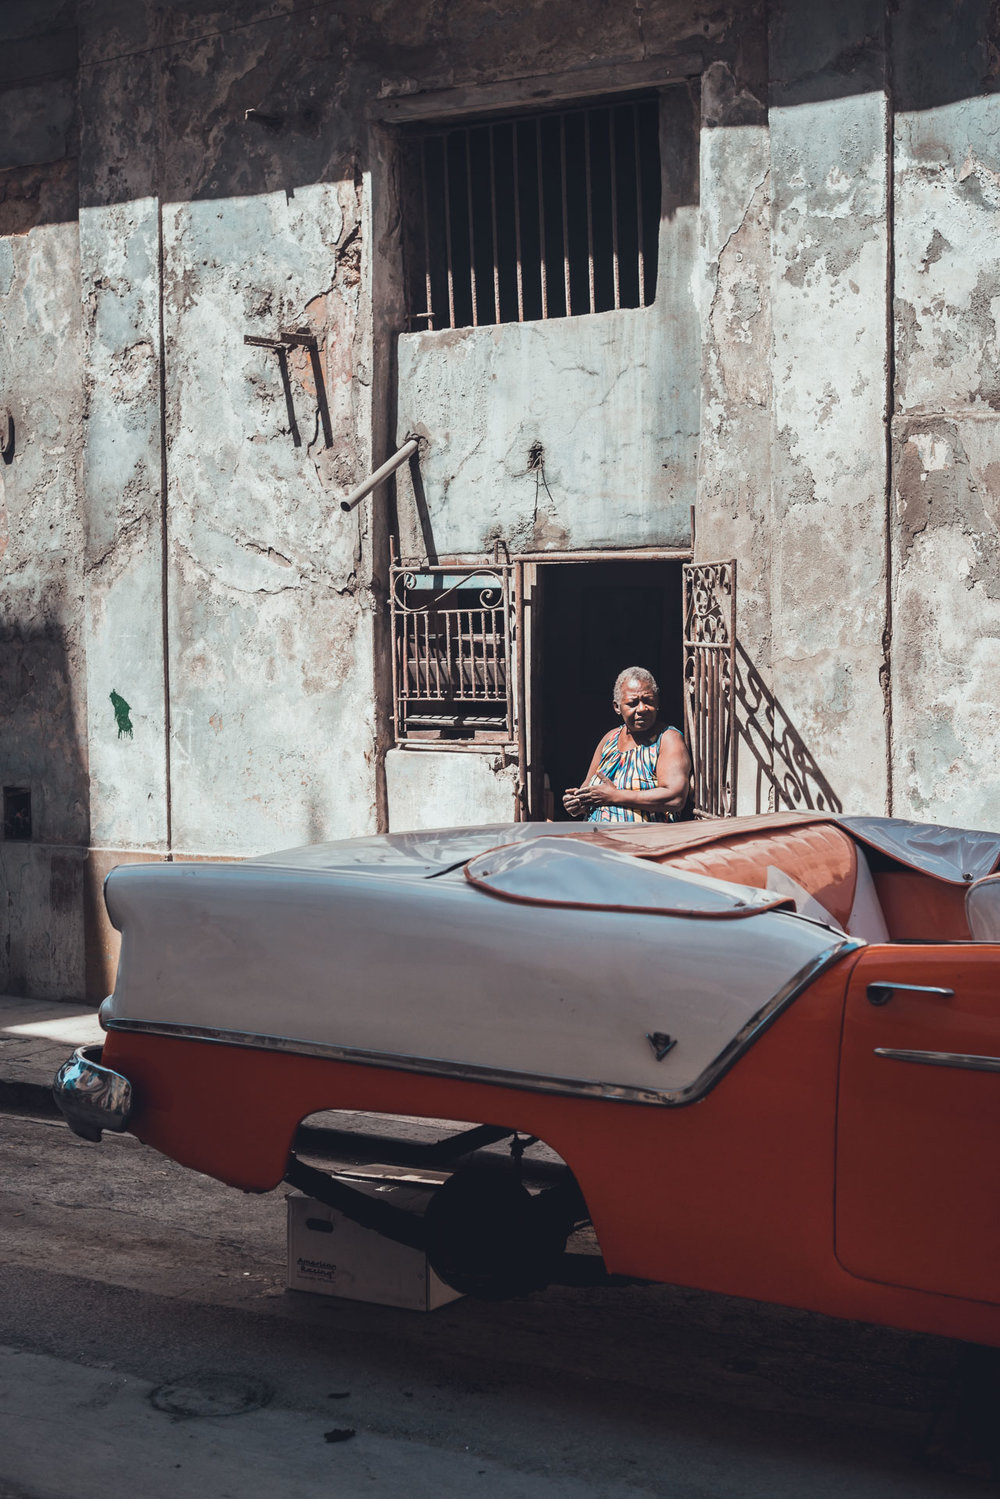 Cuba_StijnHoekstra-13.jpg